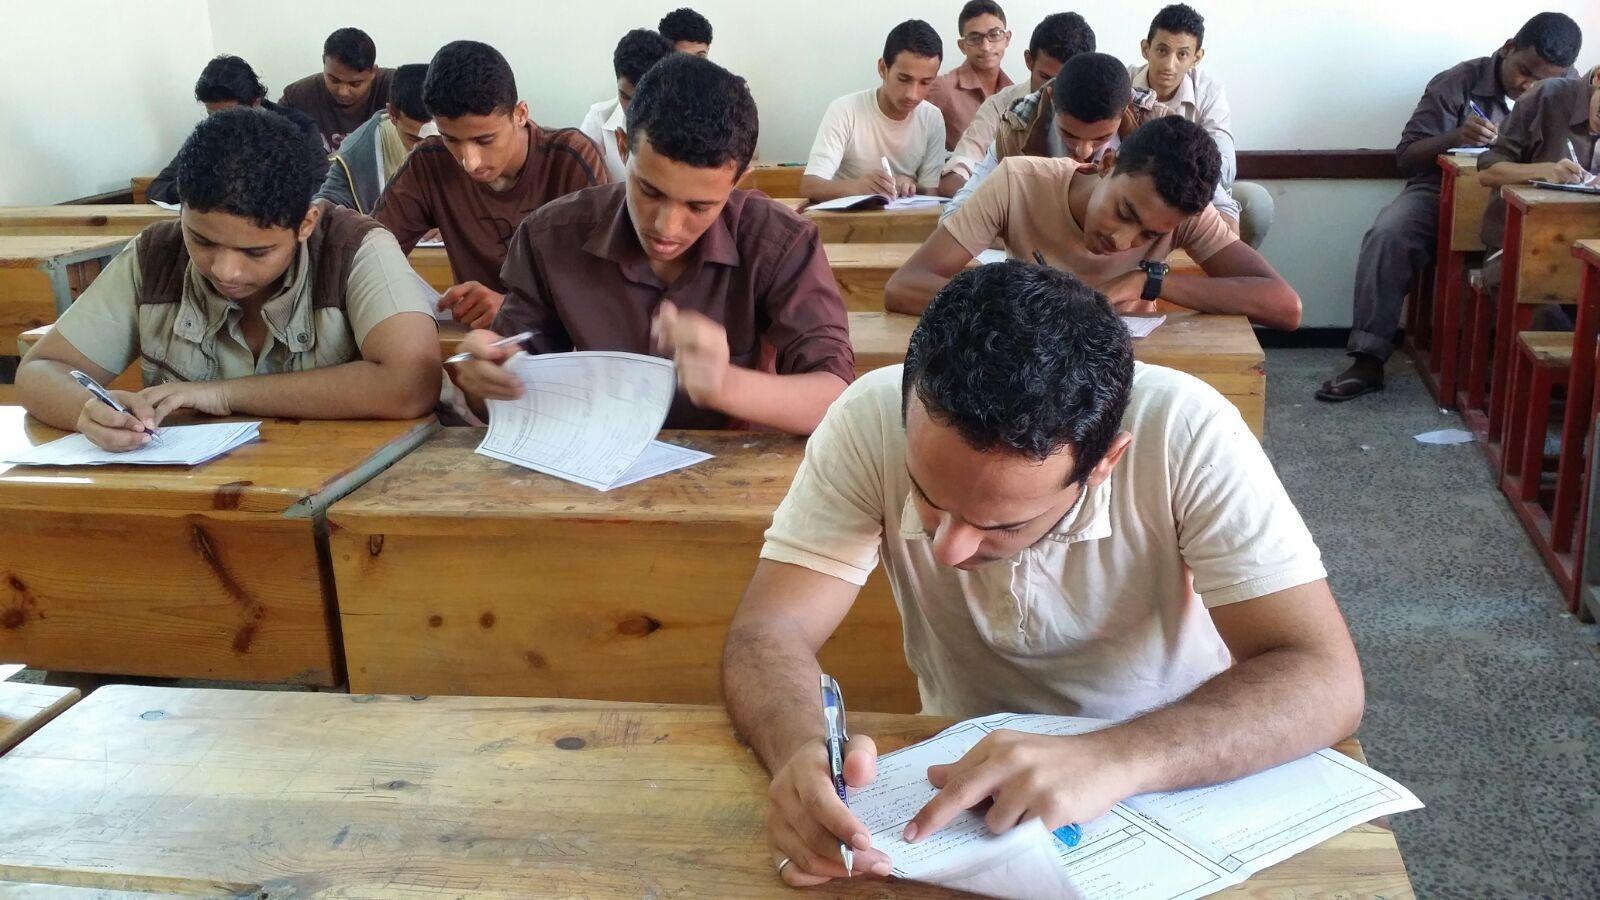 تسريب امتحان اللغة العربية لطلاب أولى ثانوي النسخة الورقية